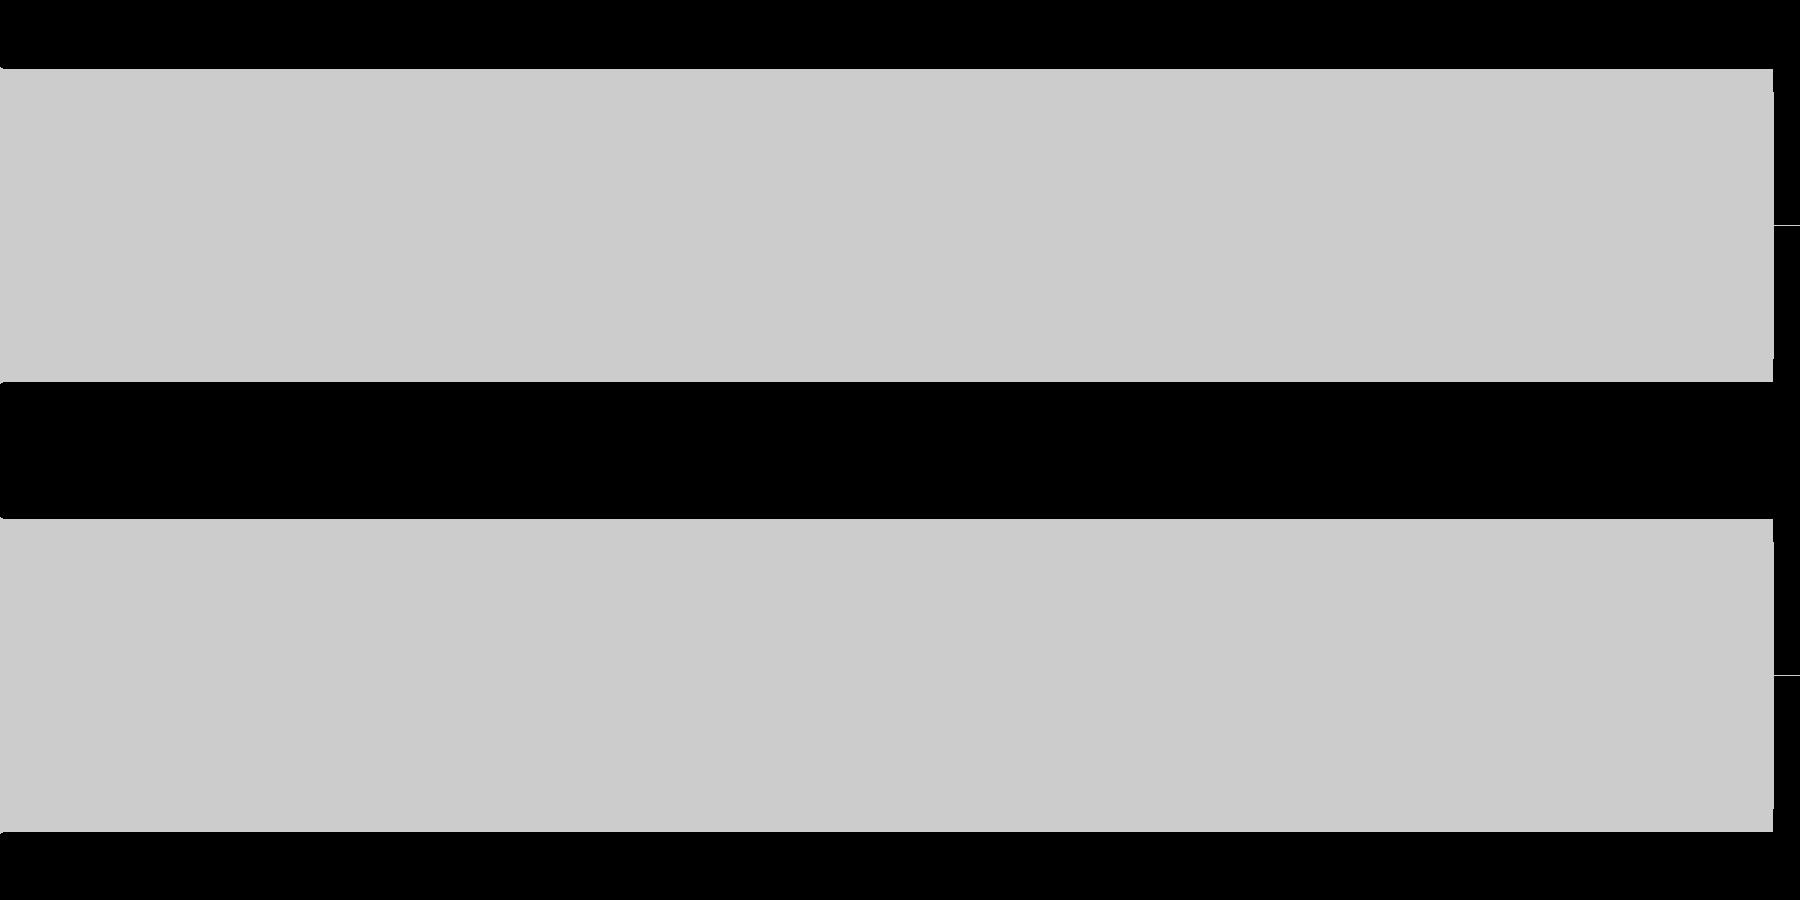 [プー]電話の発信音02(日本仕様)の未再生の波形